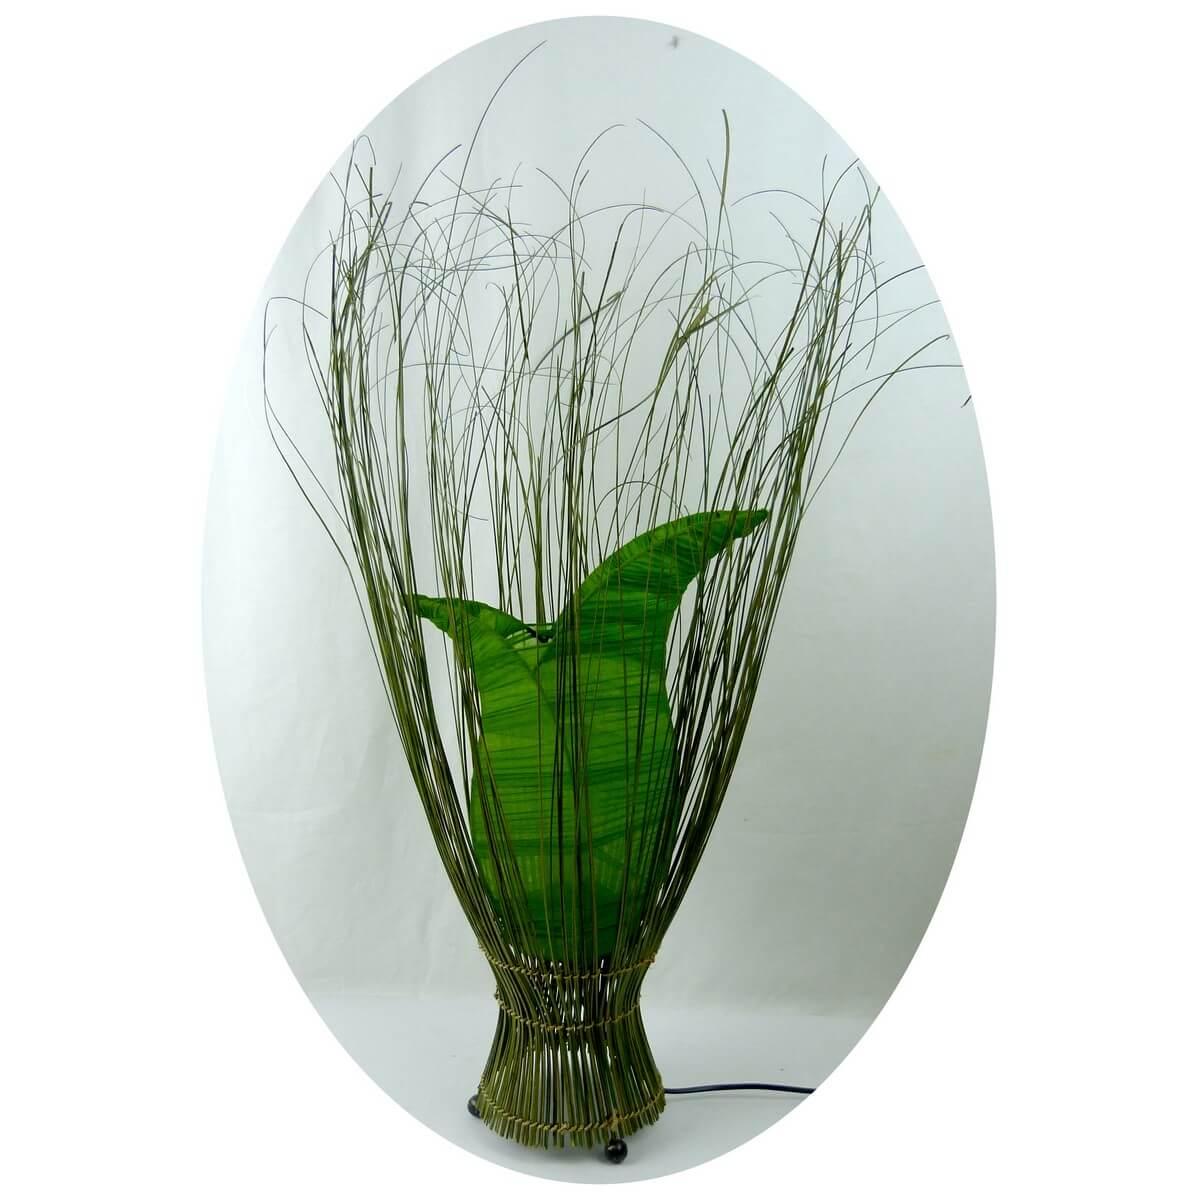 deko leuchte stimmungsleuchte stehleuchte tischleuchte tulpe 60 cm gr n. Black Bedroom Furniture Sets. Home Design Ideas